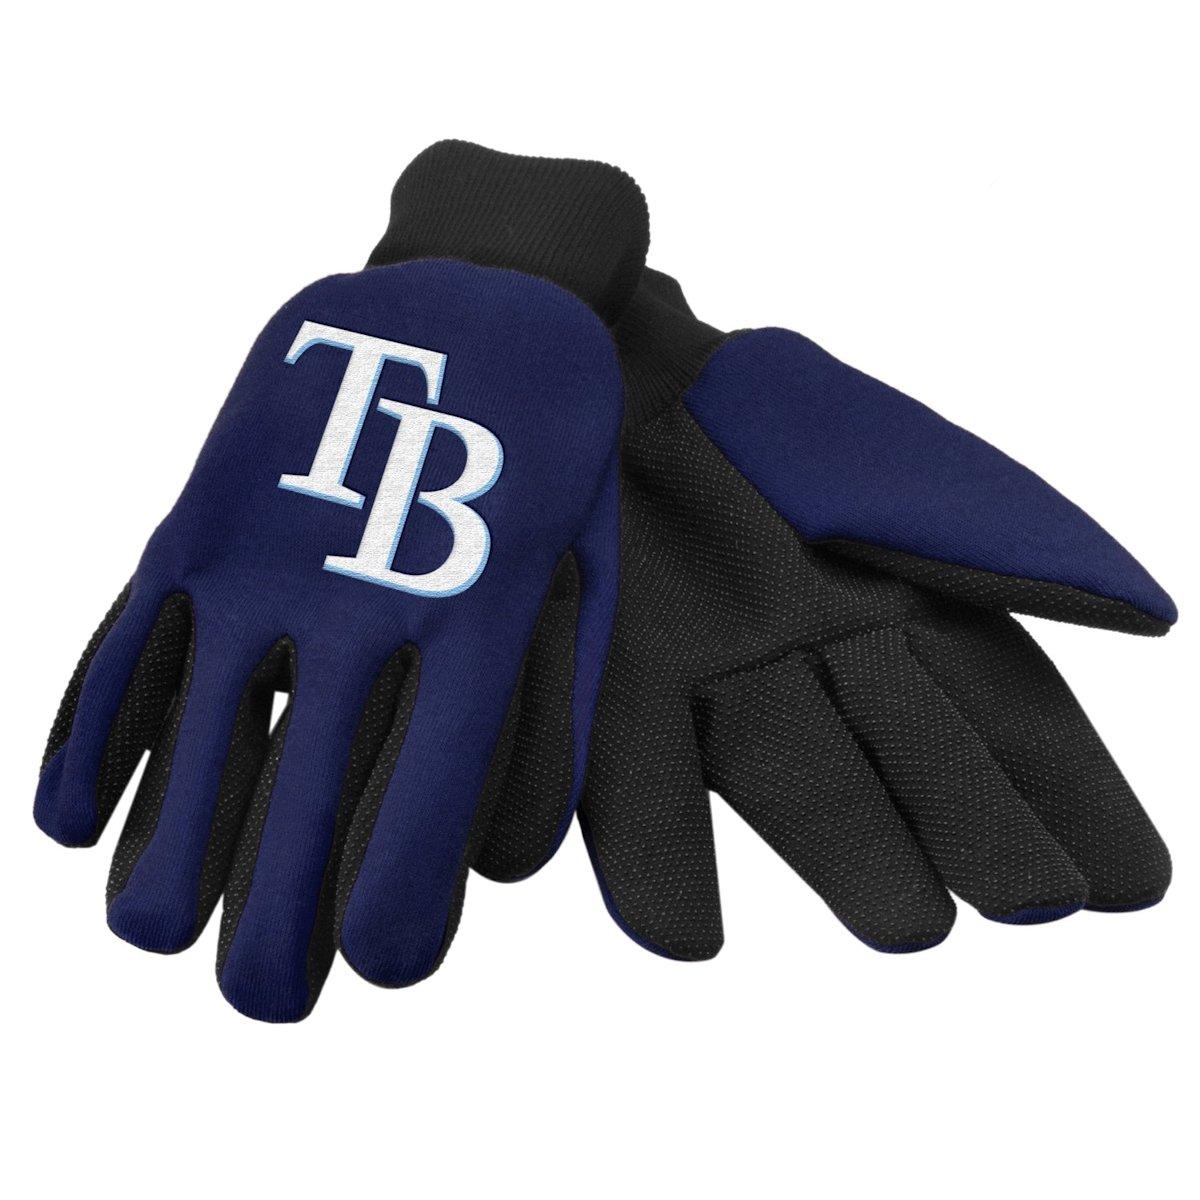 Sport Gloves Opskins: MLB No Slip Sport Utility Work Gloves Choose Your Team